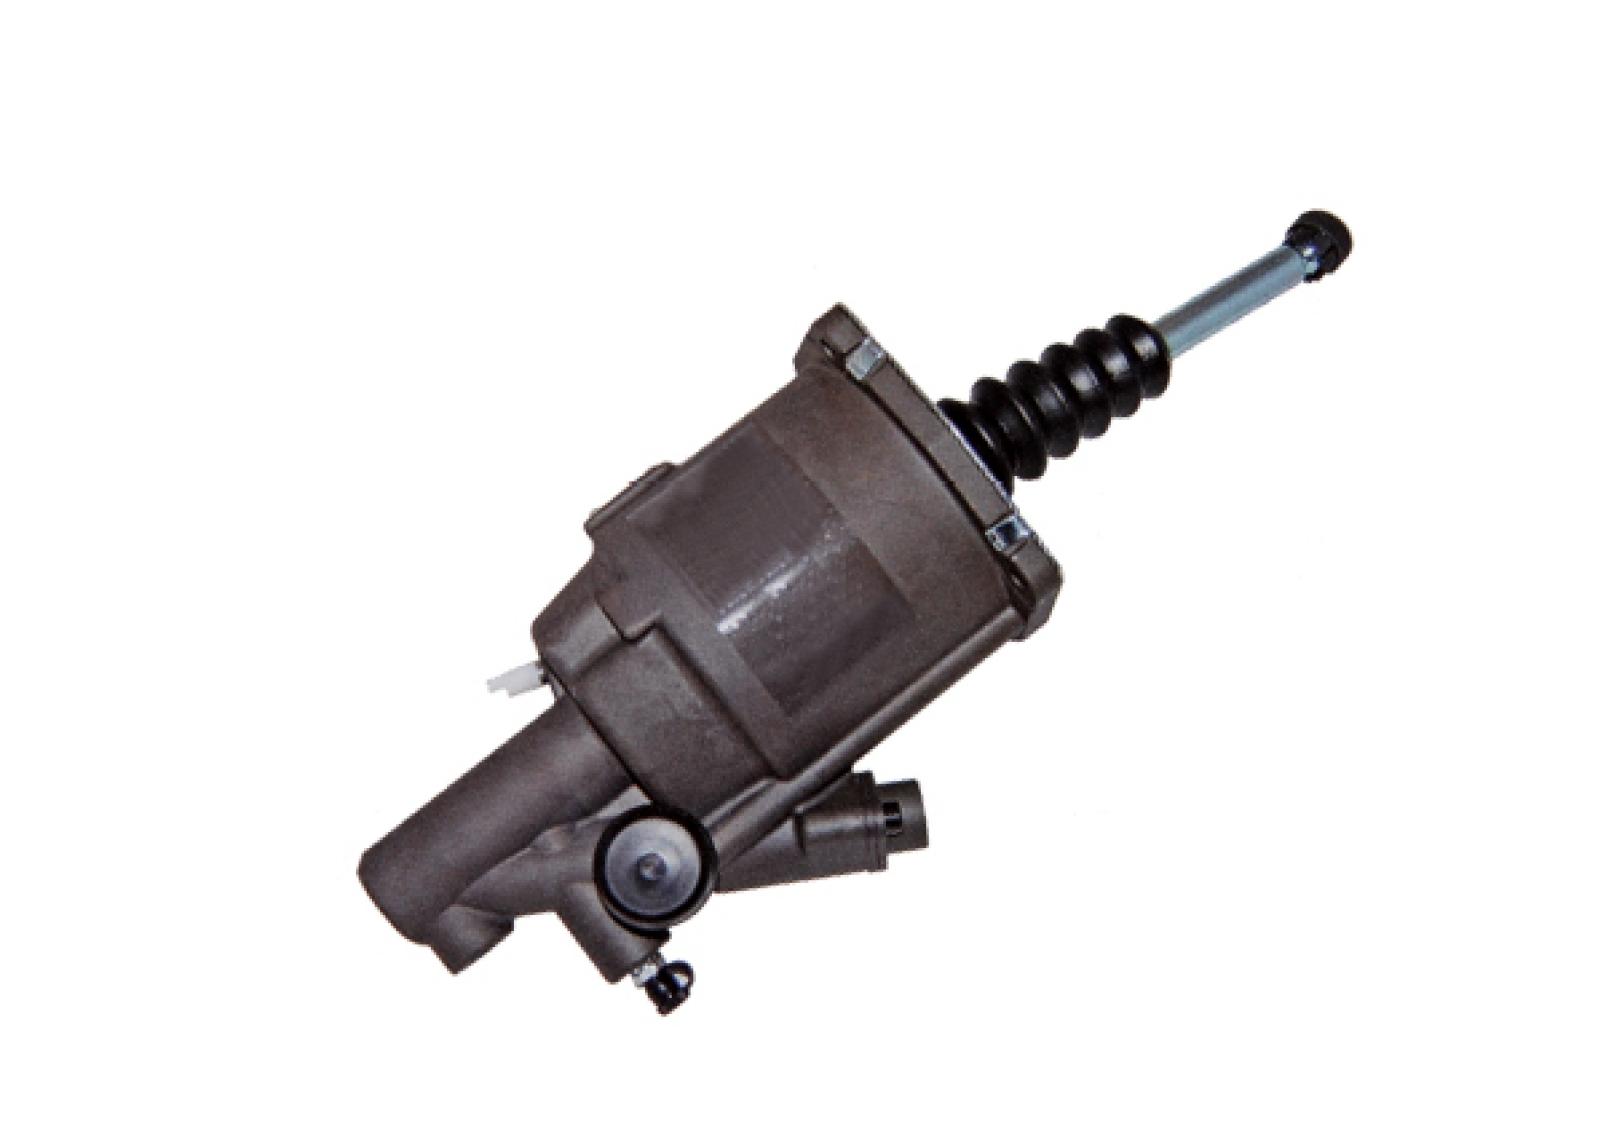 Clutch Servo Unit for Volvo 628493 AM, 628494 AM, 629276 AM, 628493AM, 628494AM, 629276AM, KV25013A1, 1672129, 20524584, 8171720